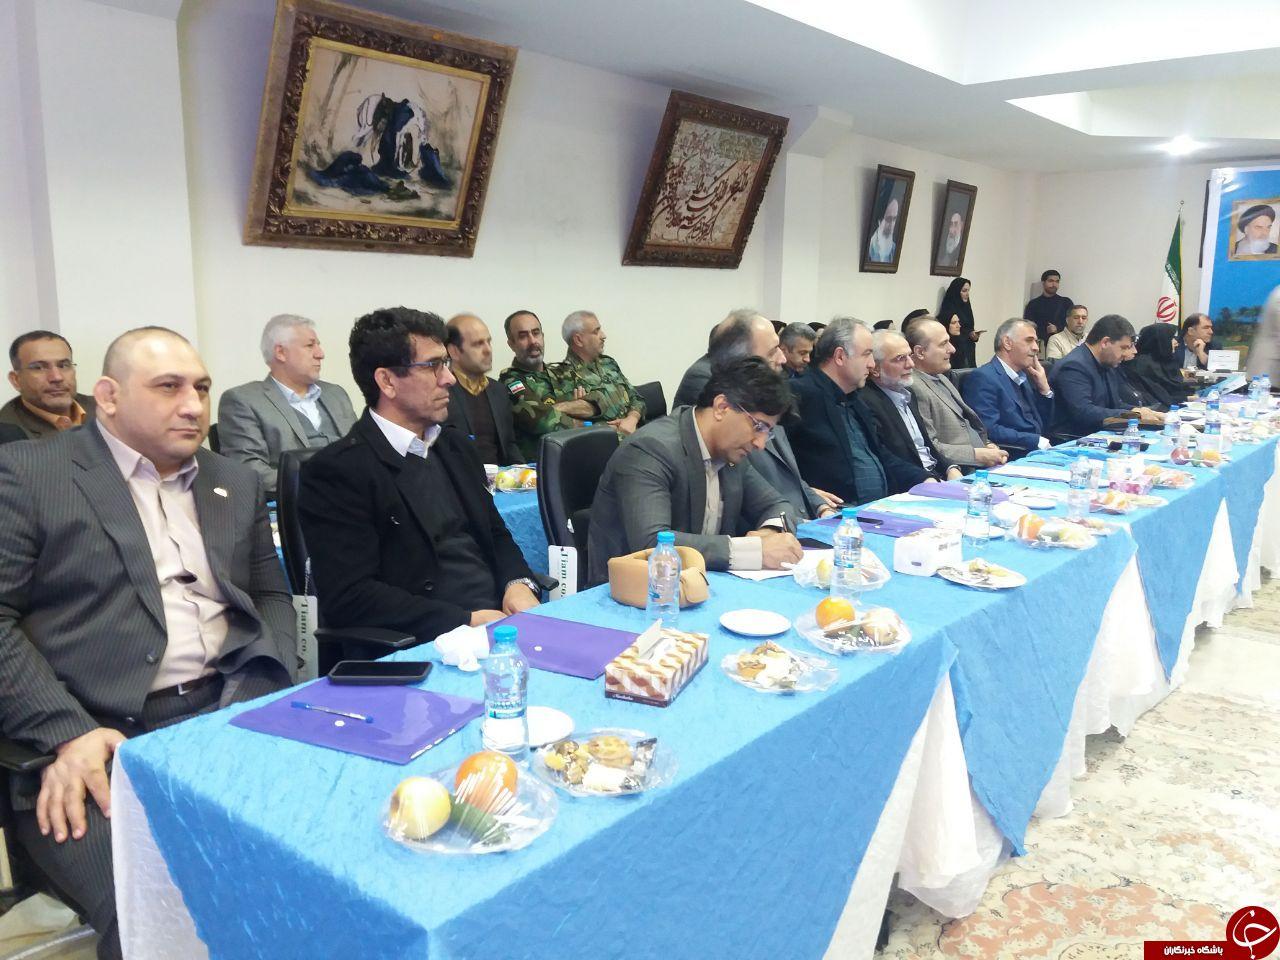 موزه ملی ورزش در اسفند ماه افتتاح می شود